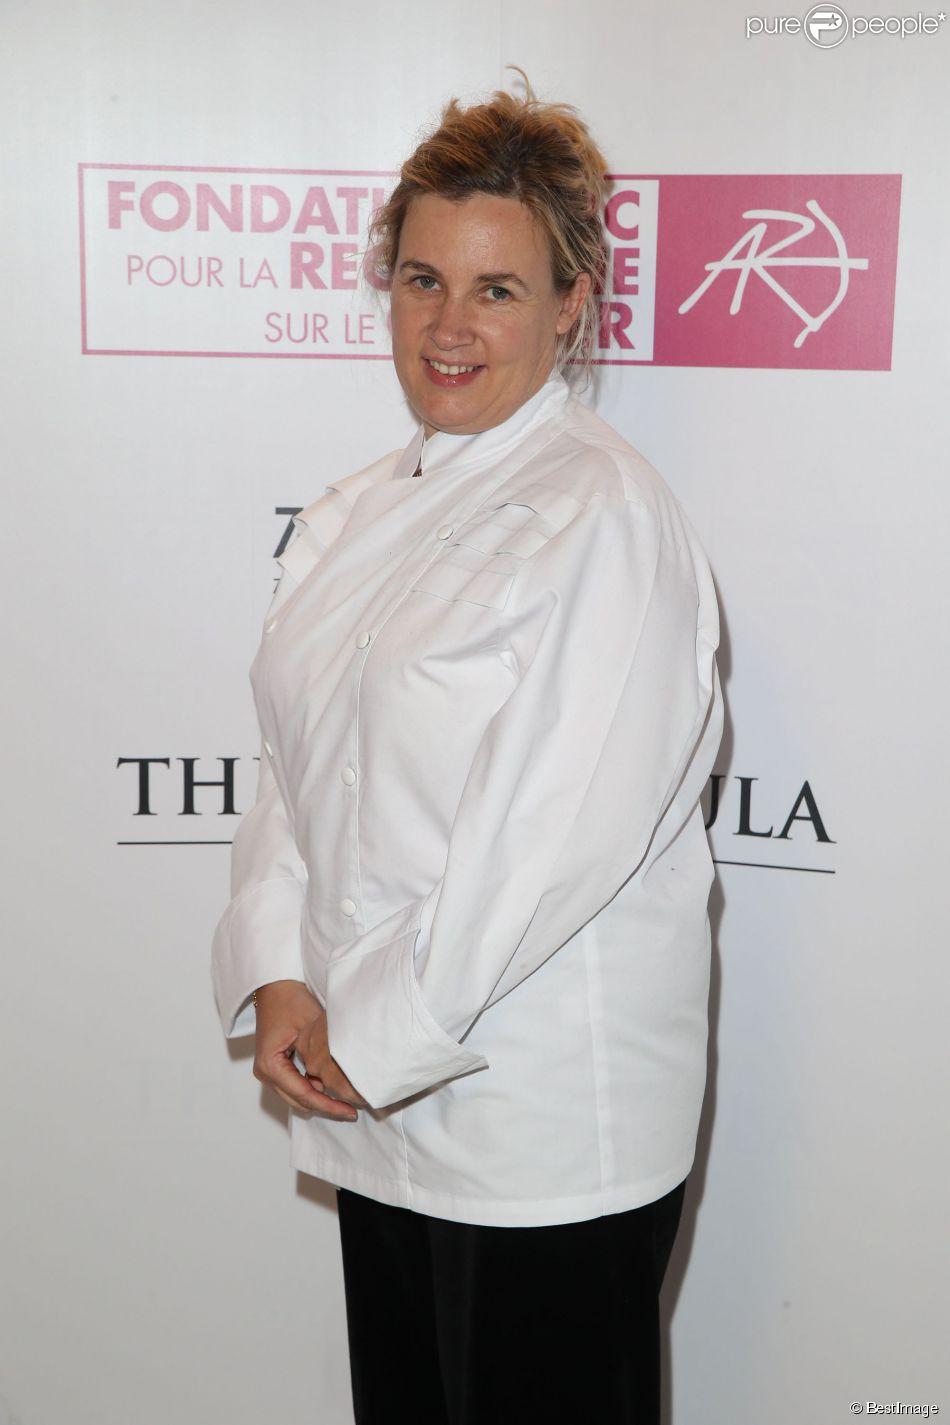 Exclusif - Hélène Darroze - Gala de la fondation ARC au profit de la recherche contre le cancer du sein à l'hôtel Peninsula à Paris le 9 octobre 2014.